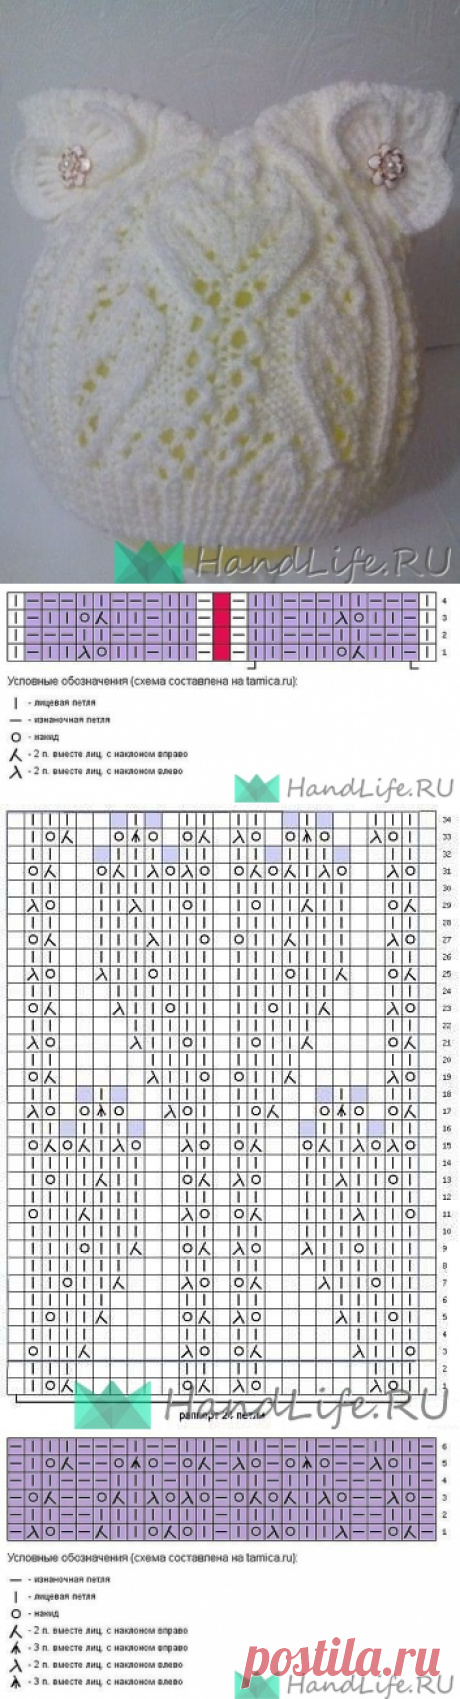 Шапочка с ушками для девочки / Вязание